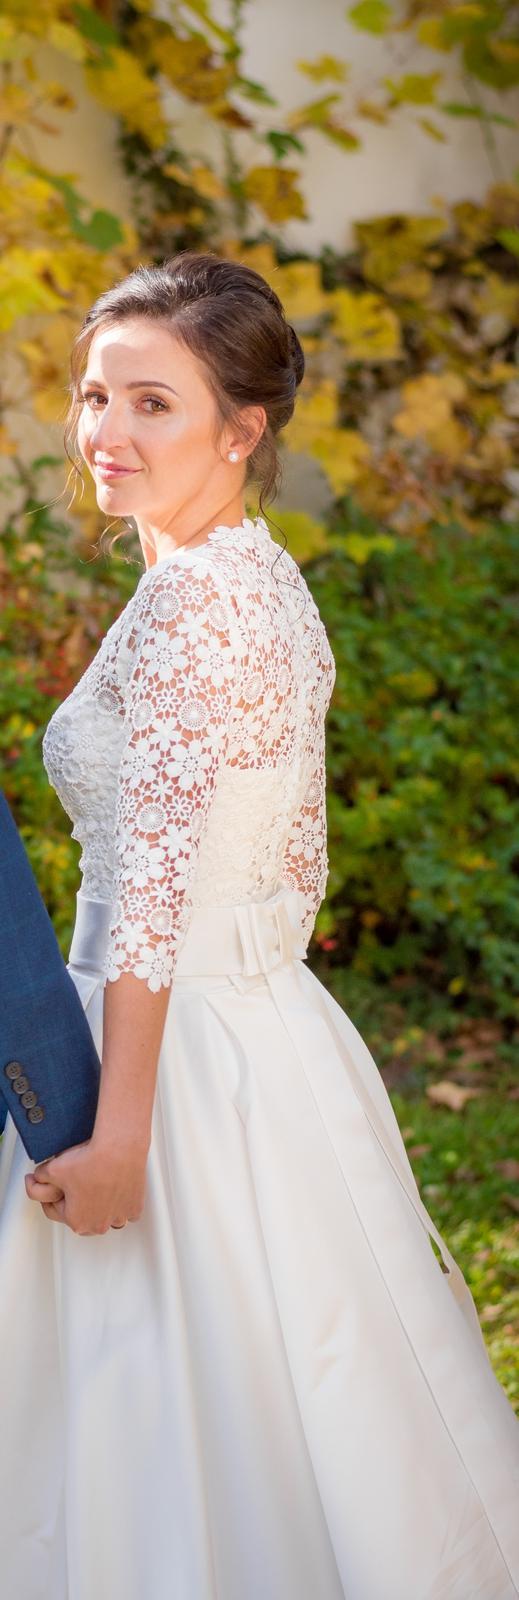 Svadobné šaty 32-38 - Obrázok č. 2